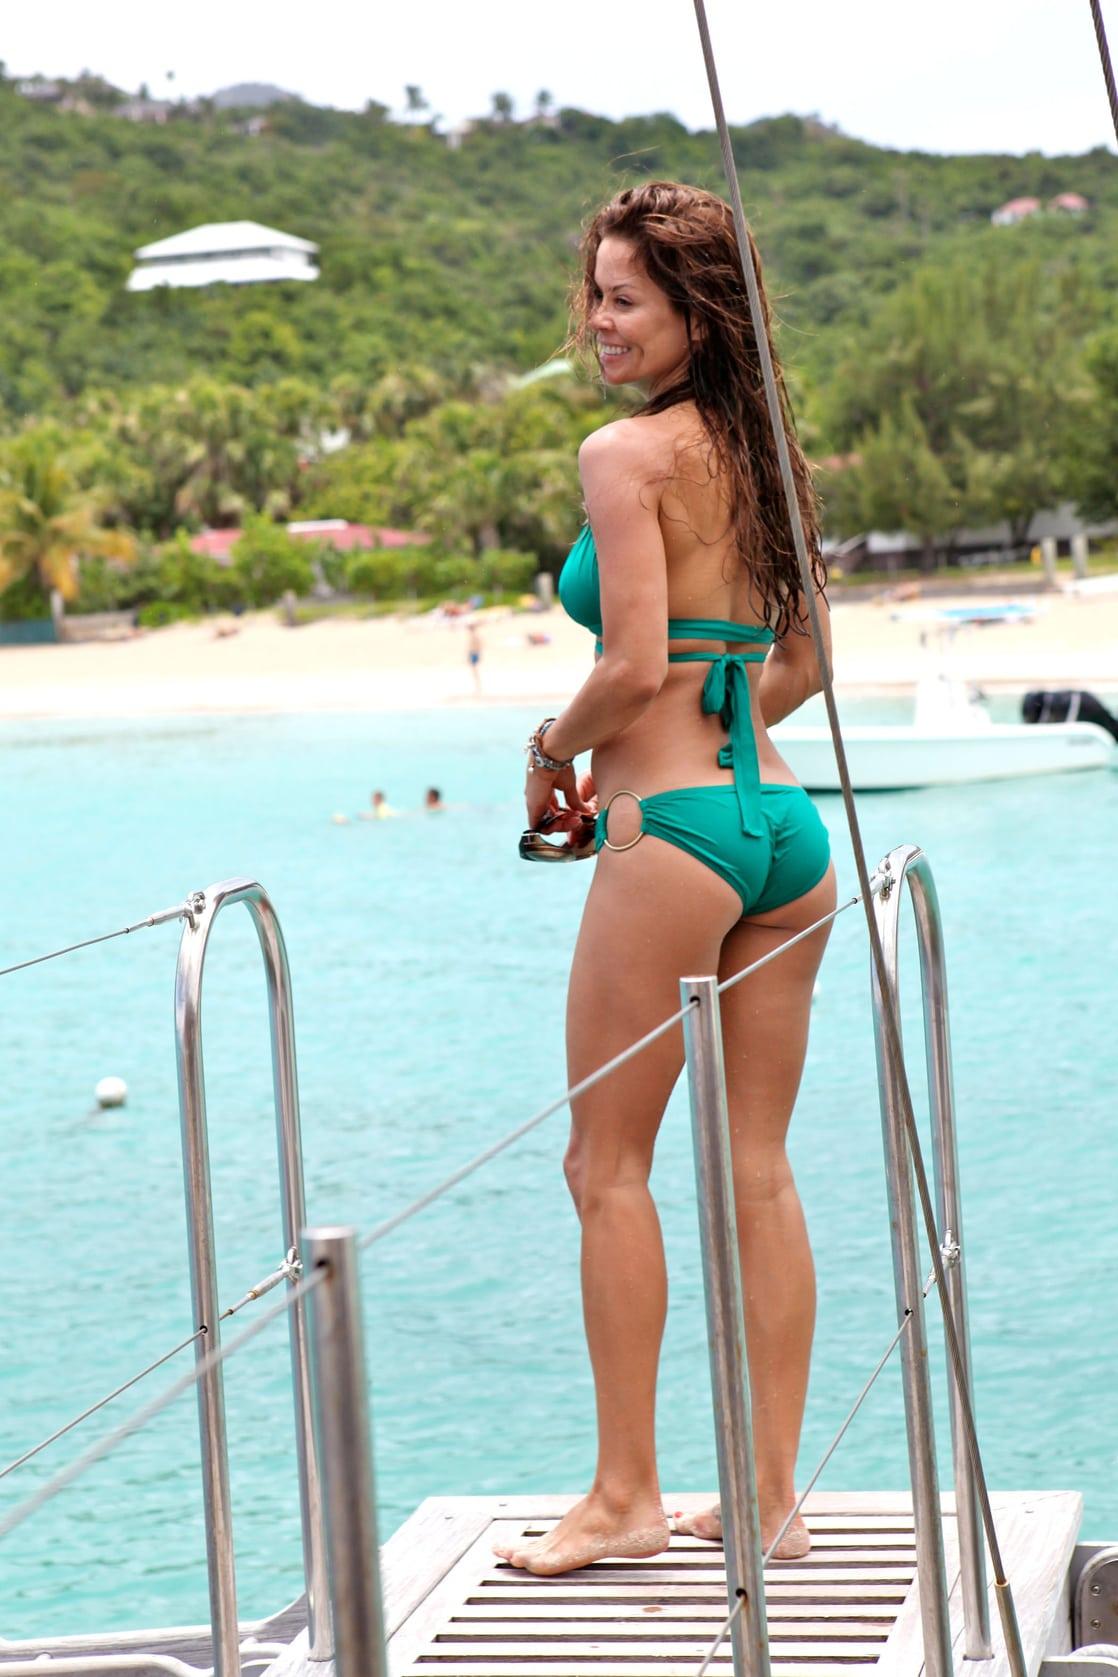 charvet bikini burke Brooke